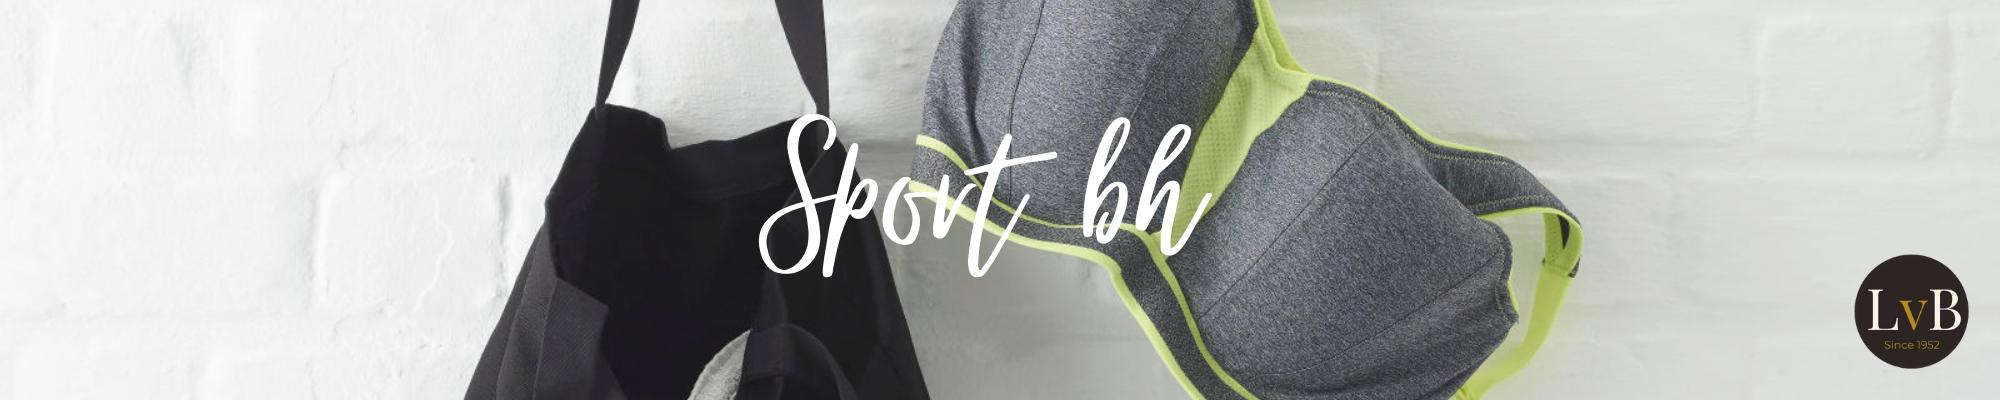 sport-bh-online-kopen